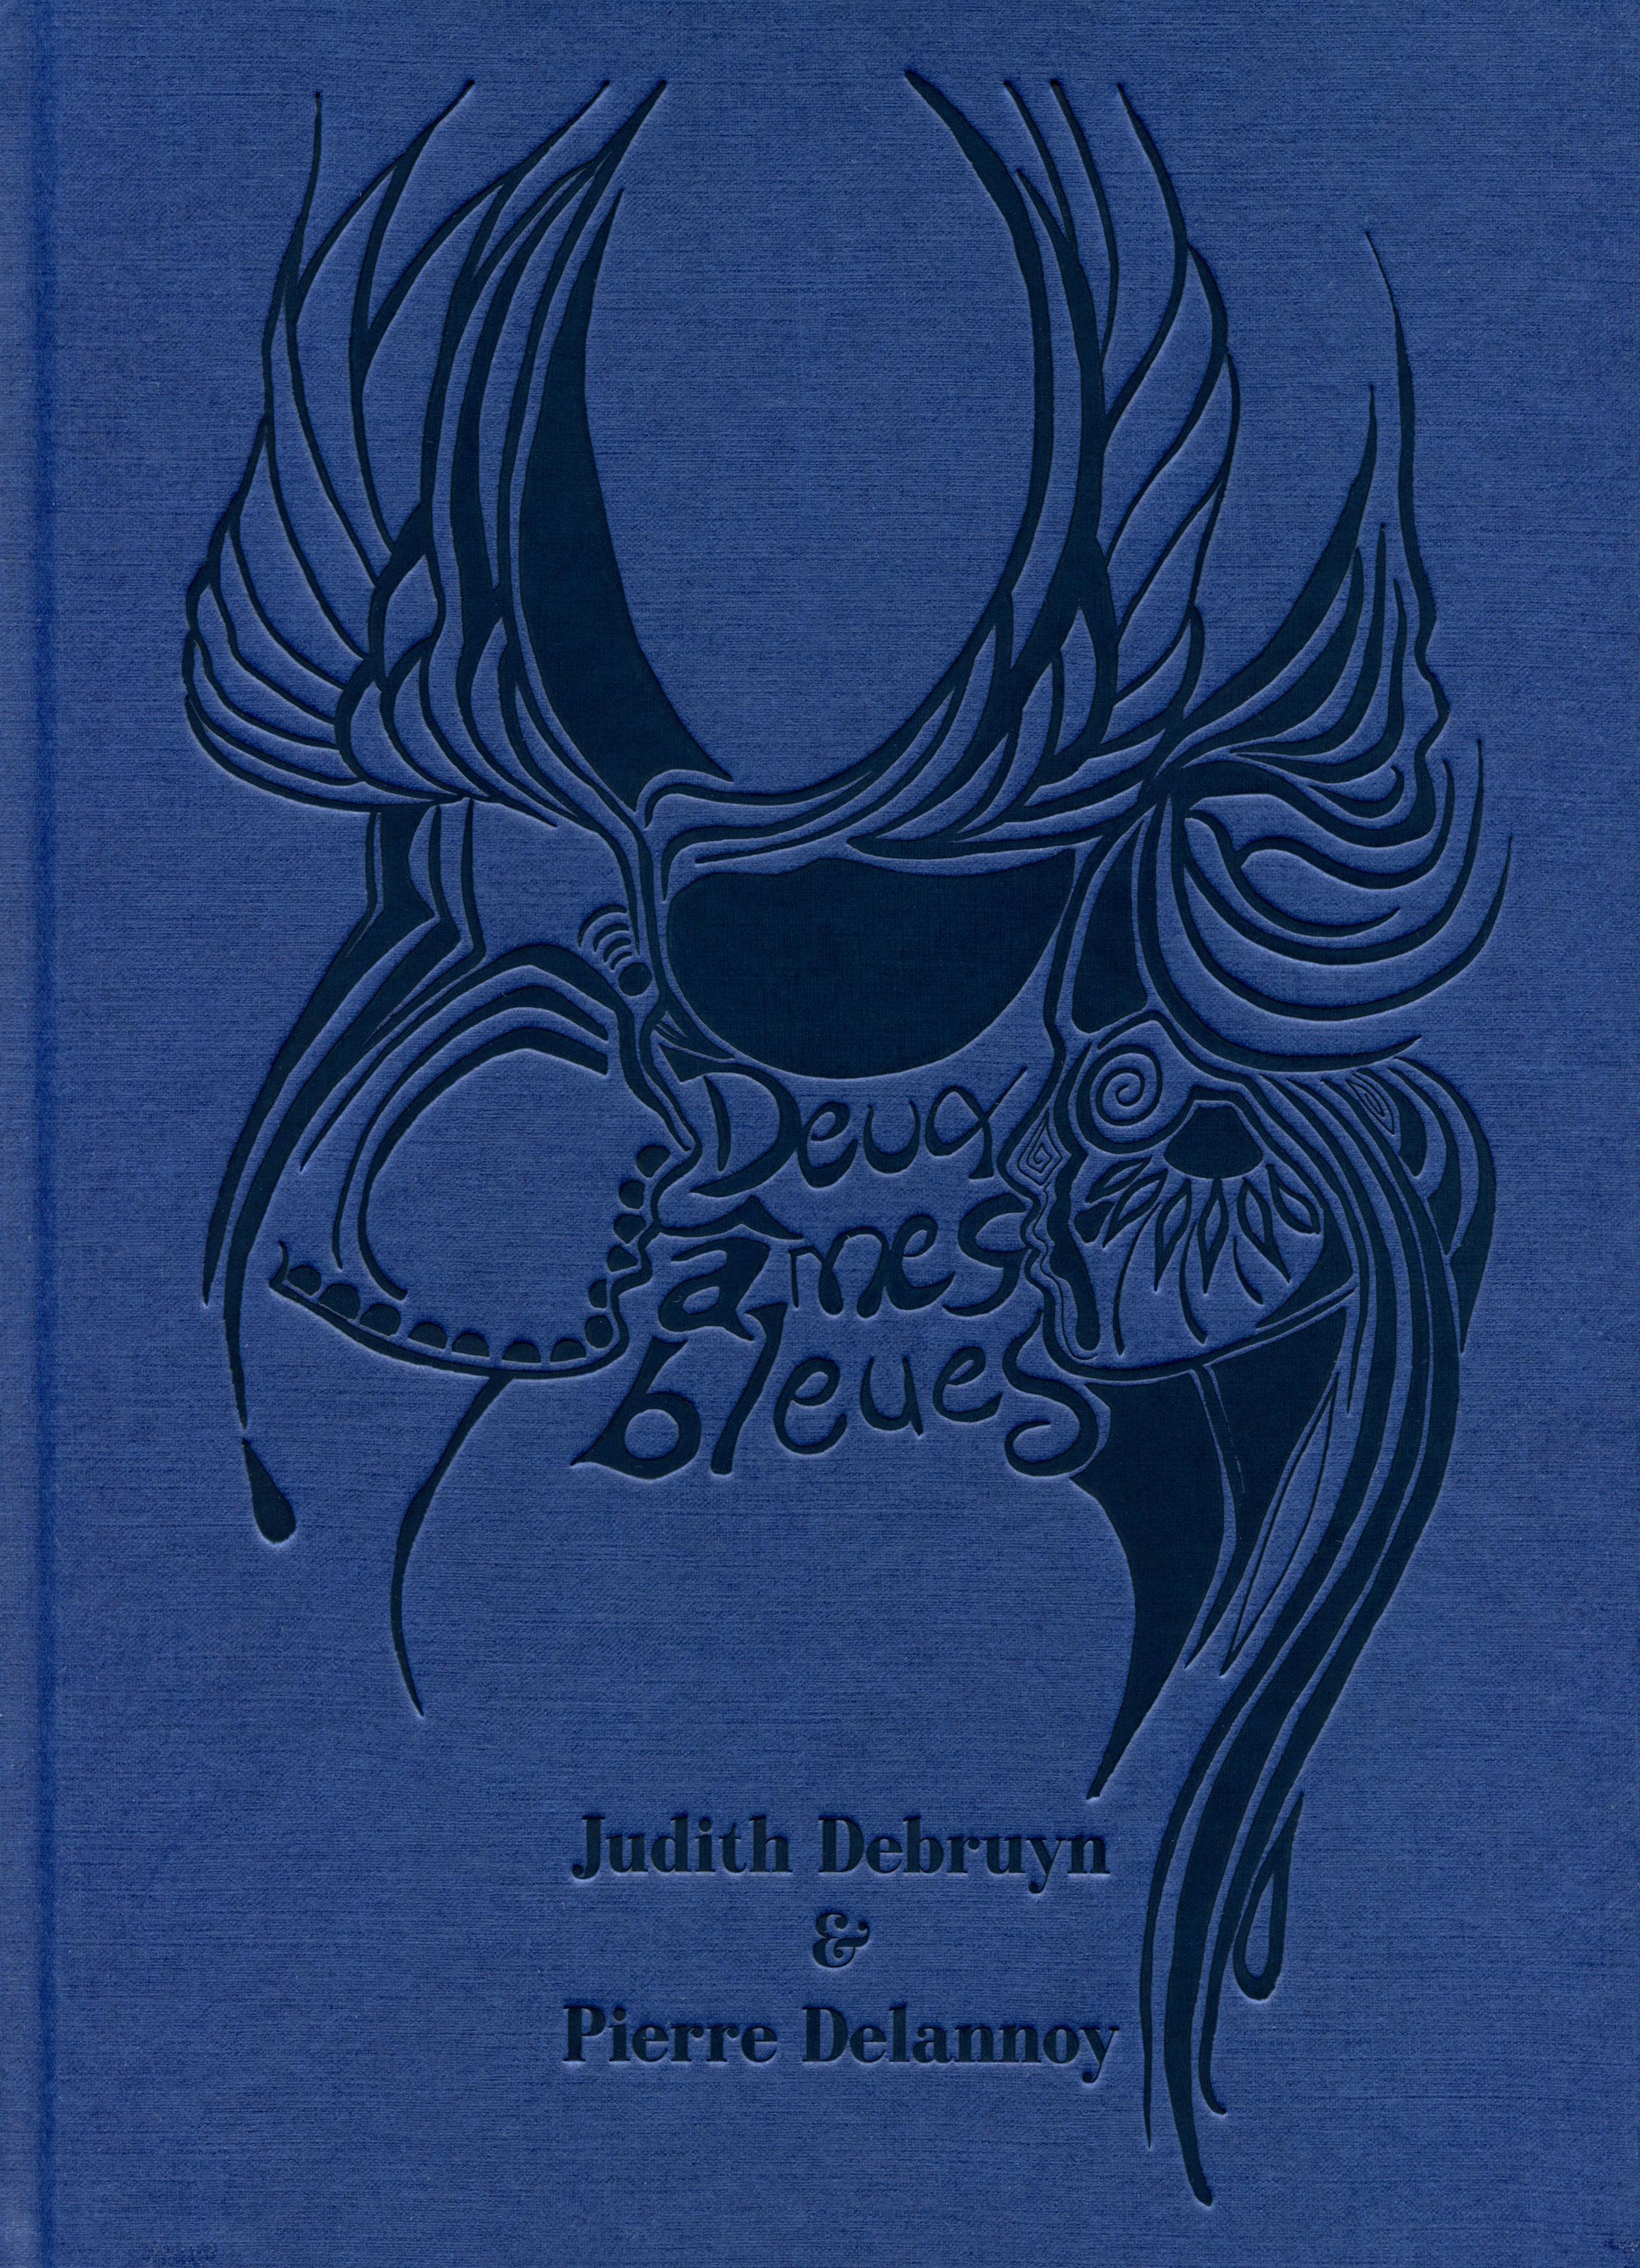 couv deux âmes bleues